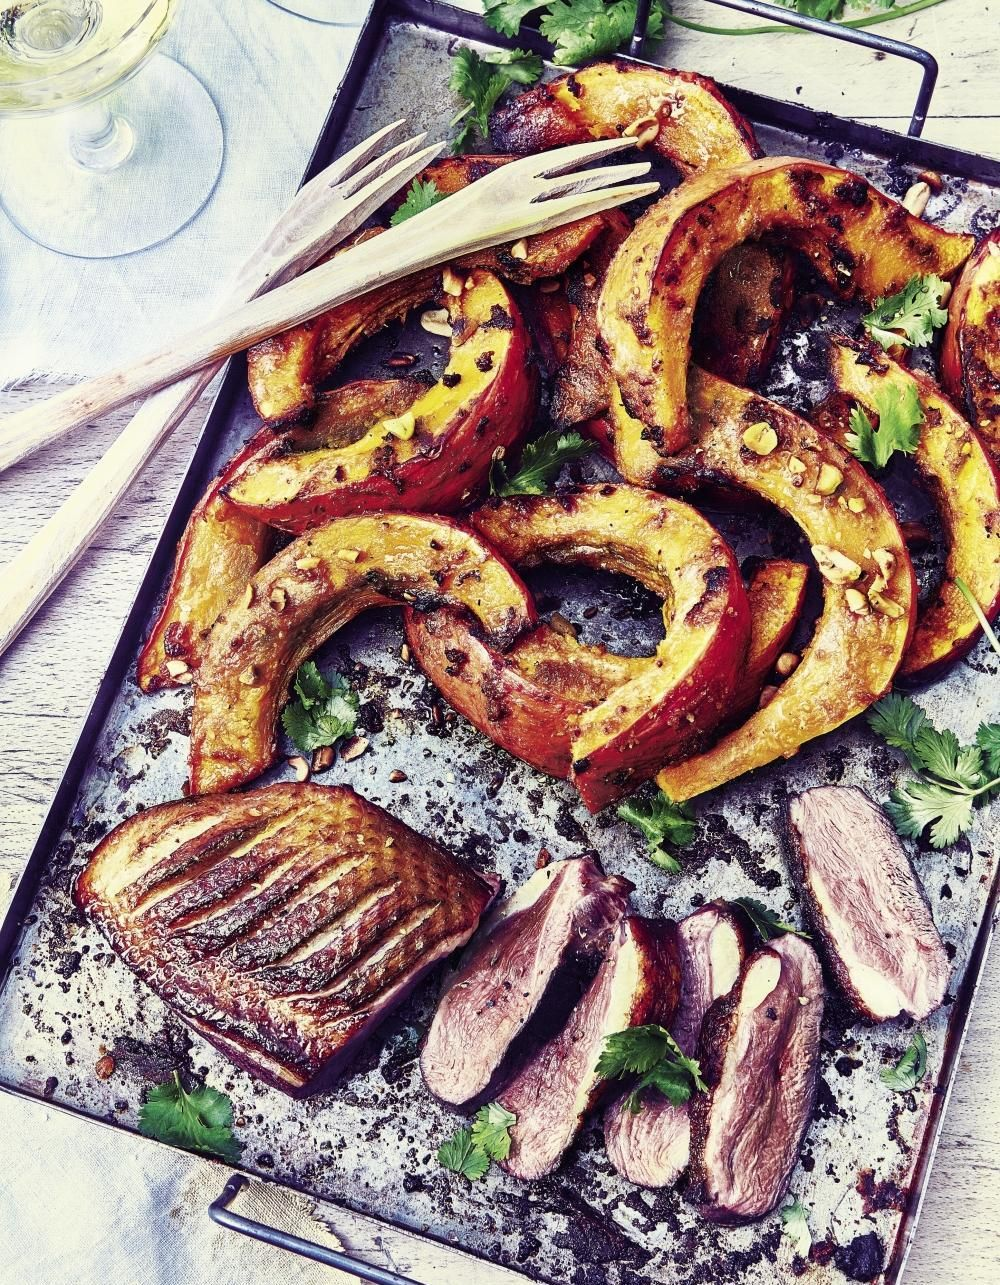 Préparer Un Barbecue Pour 20 Personnes magret de canard et potimarron rôti miso-cacahuètes